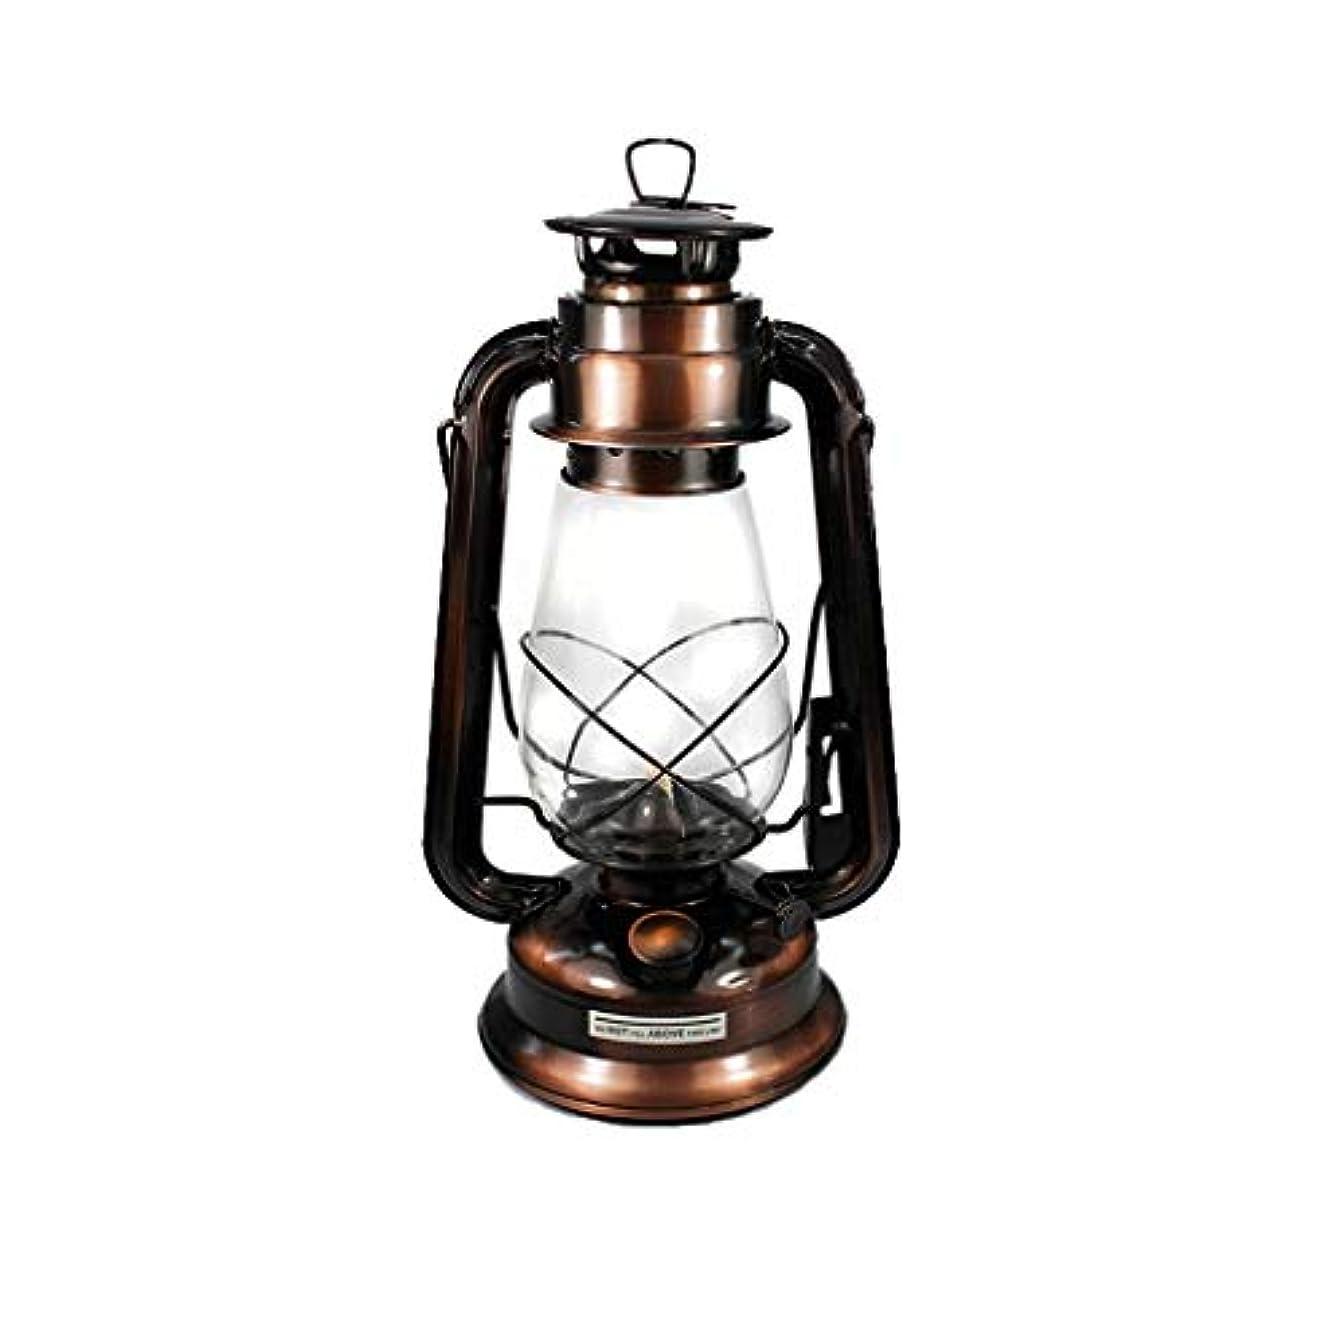 テニス曇った力強いレトロクラシックポータブル灯油シャンデリアキャンプ調光灯油灯心ポータブルオイルランプ屋外キャンプライト